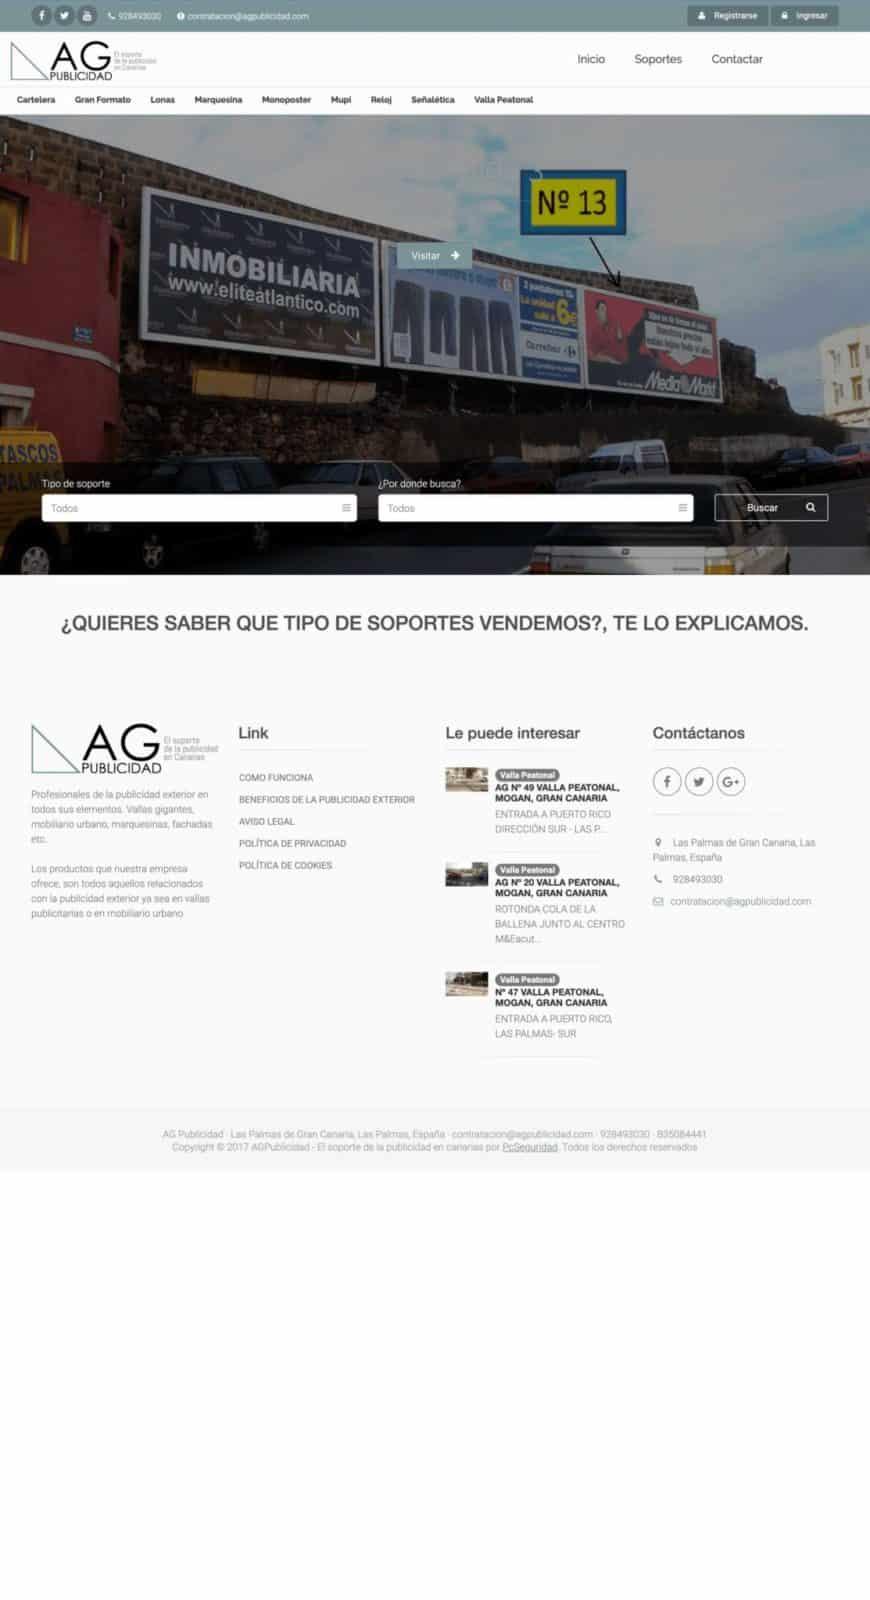 AG publicidad